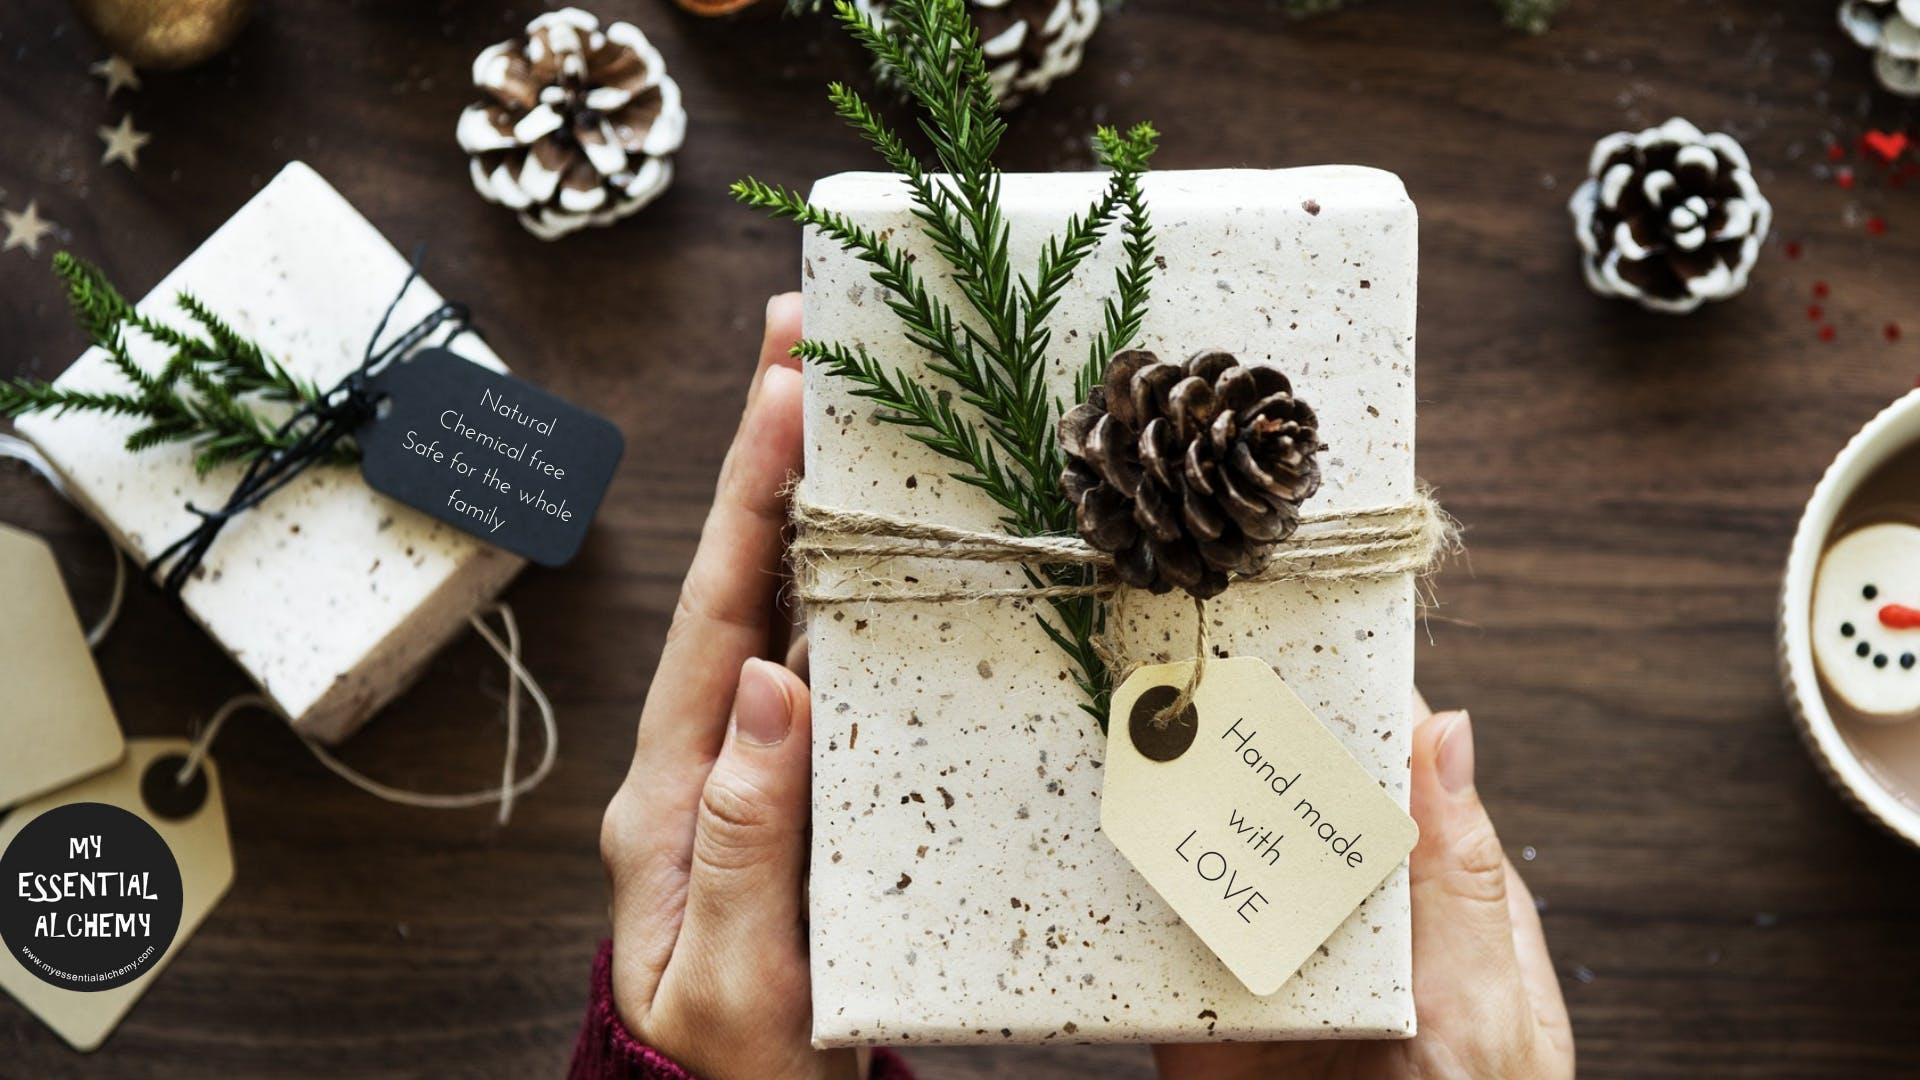 DIY Natural Christmas gifts - 1 DEC 2018